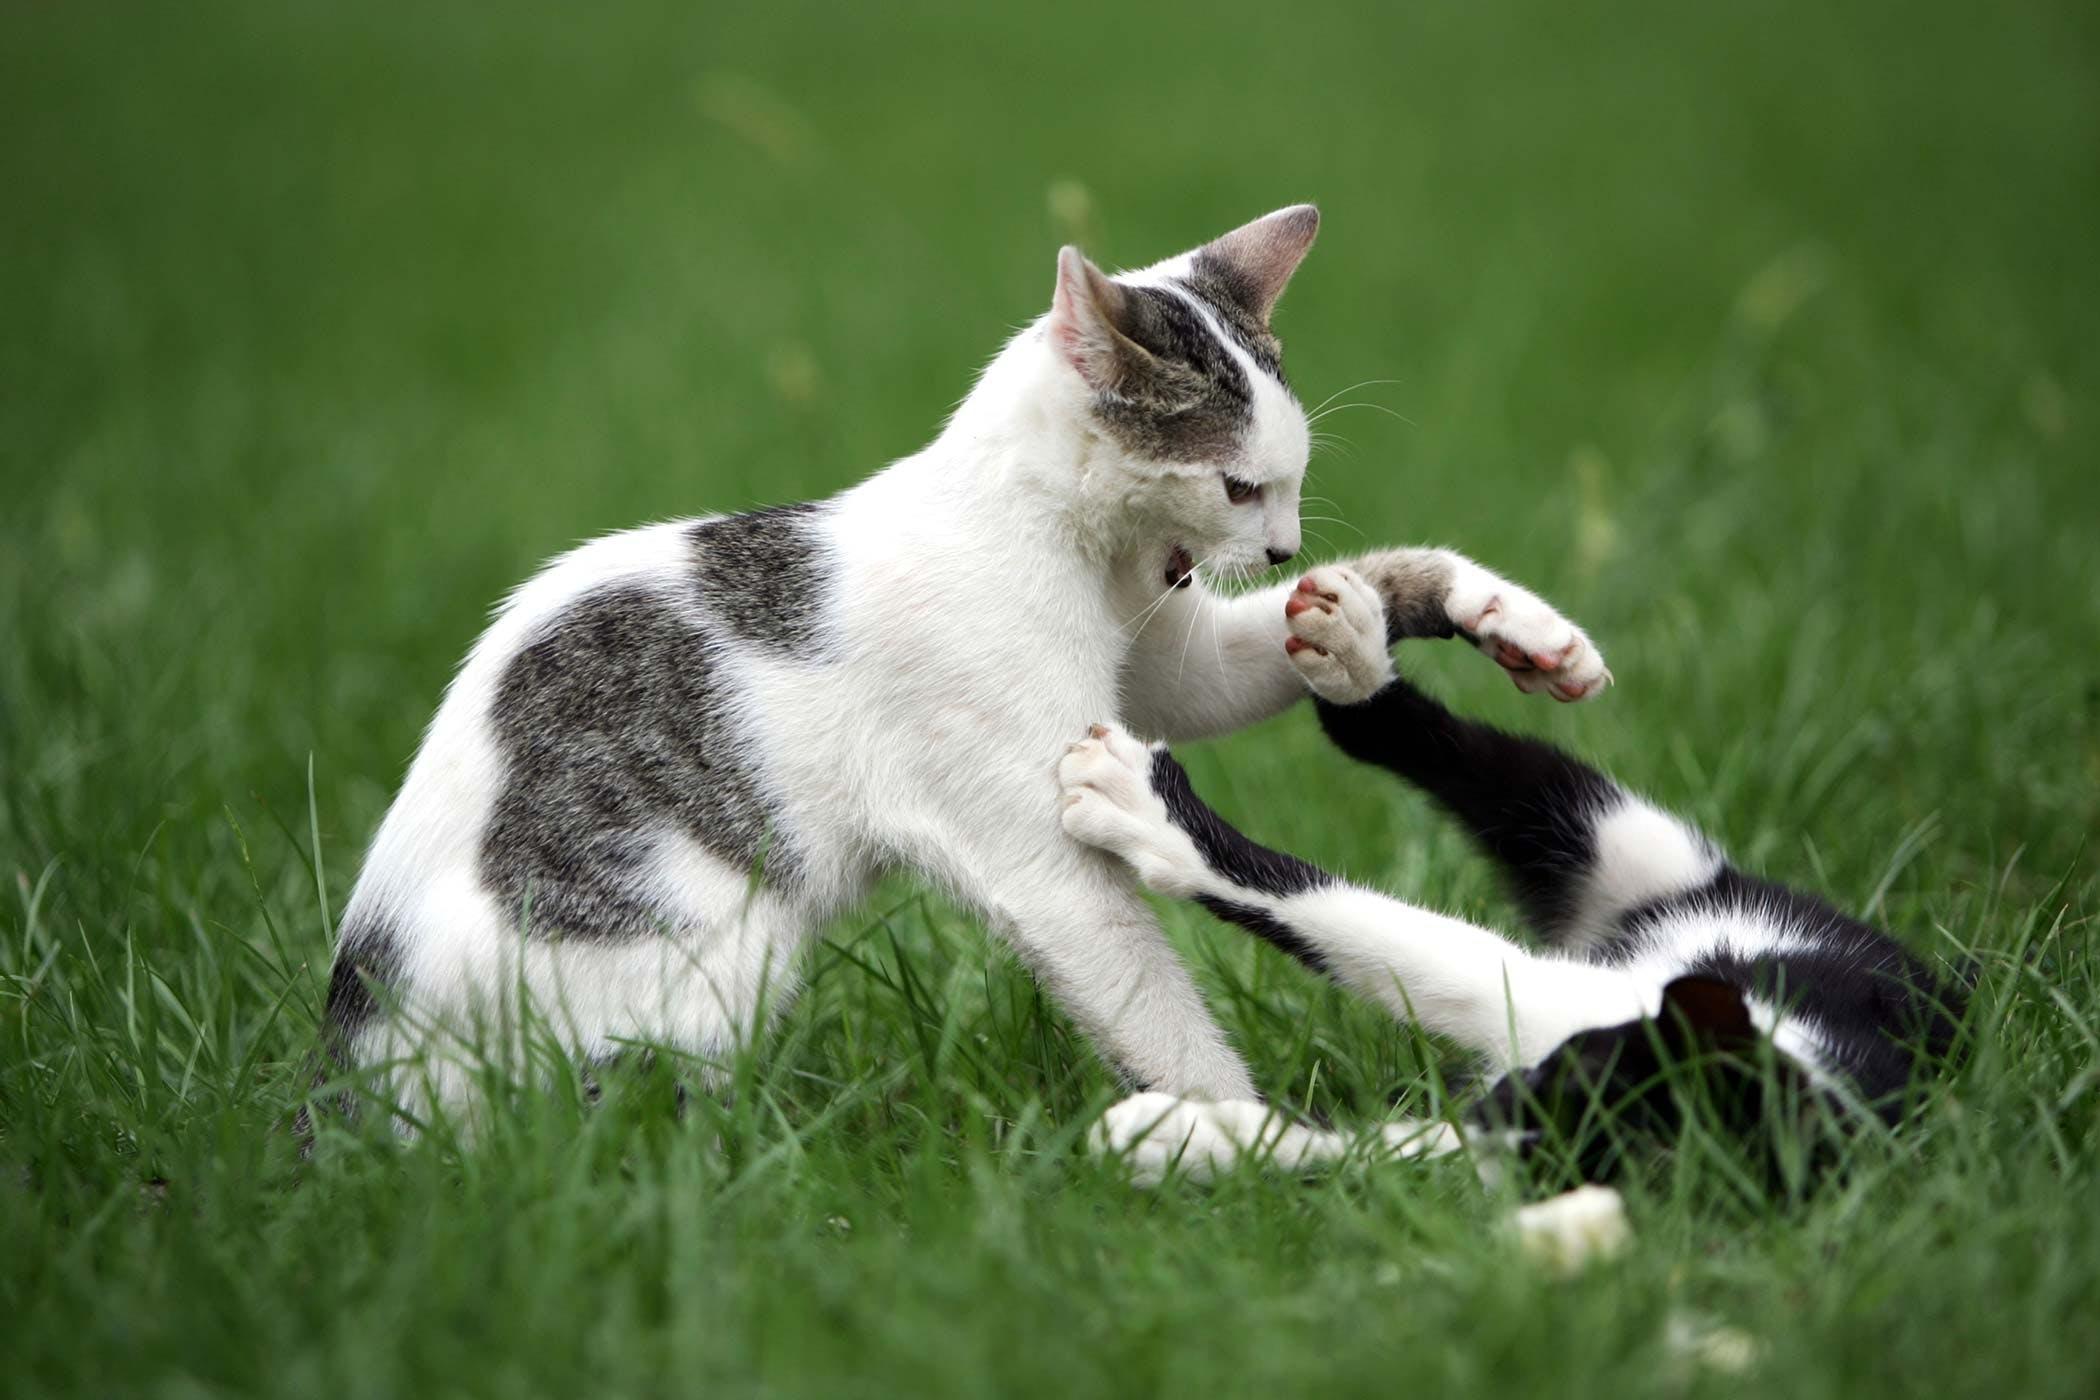 Destructive Behavior in Cats